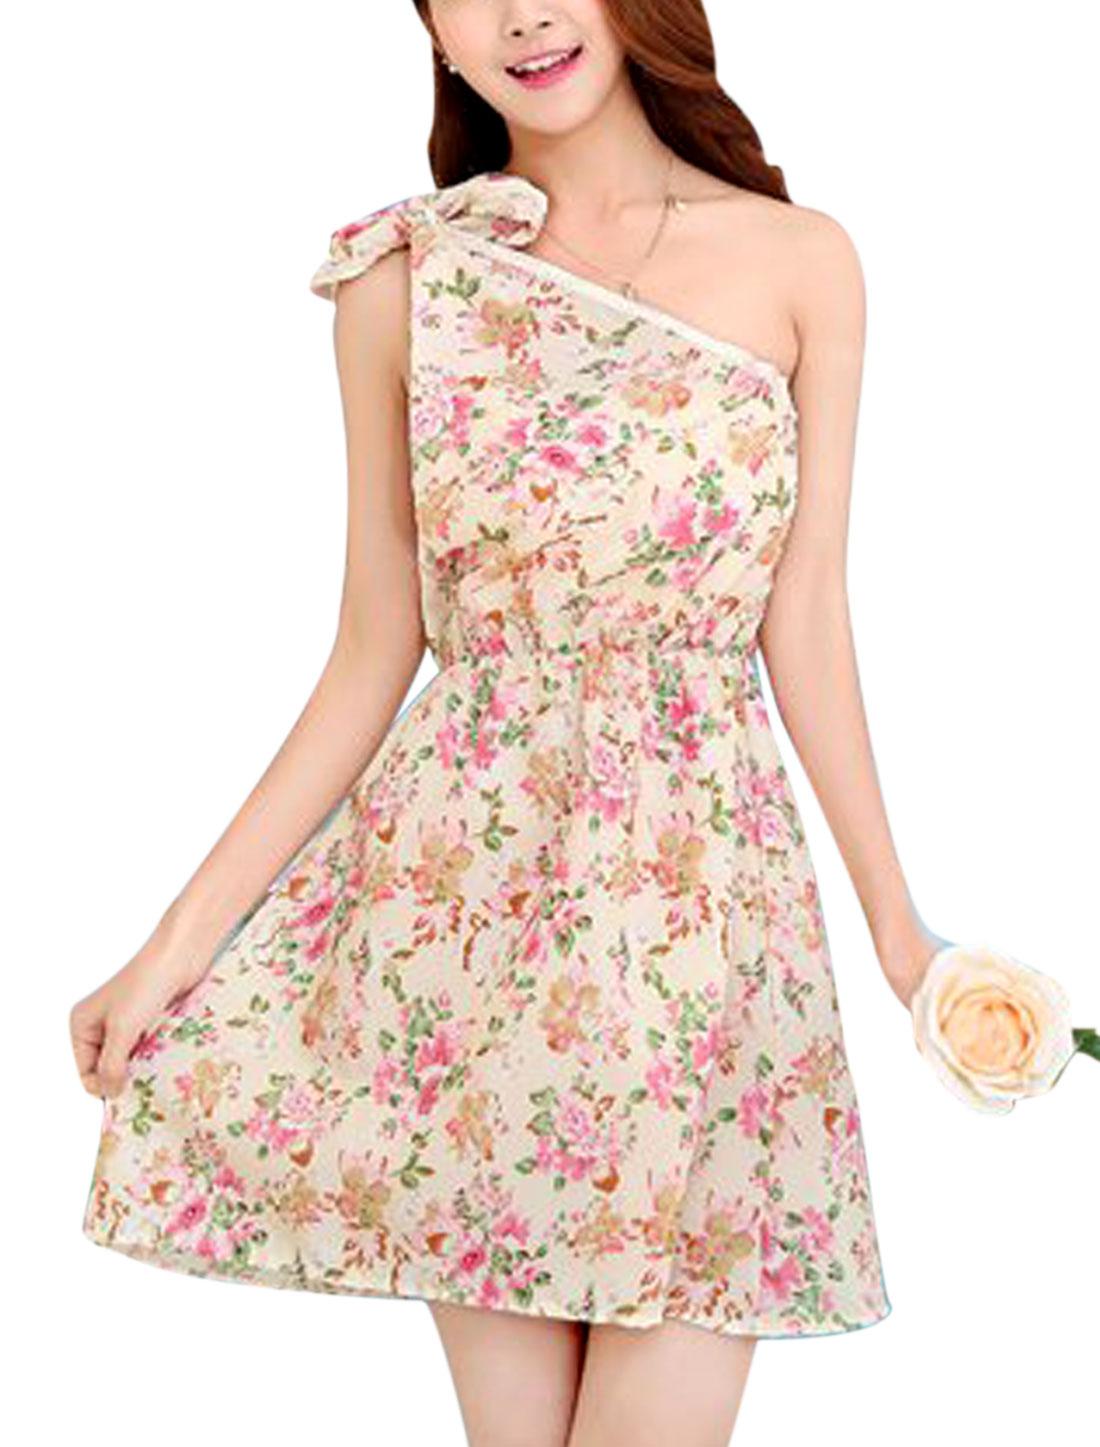 Ladies Floral Print Summer Self Tie Shoulder Beach Dress Beige Pink XS